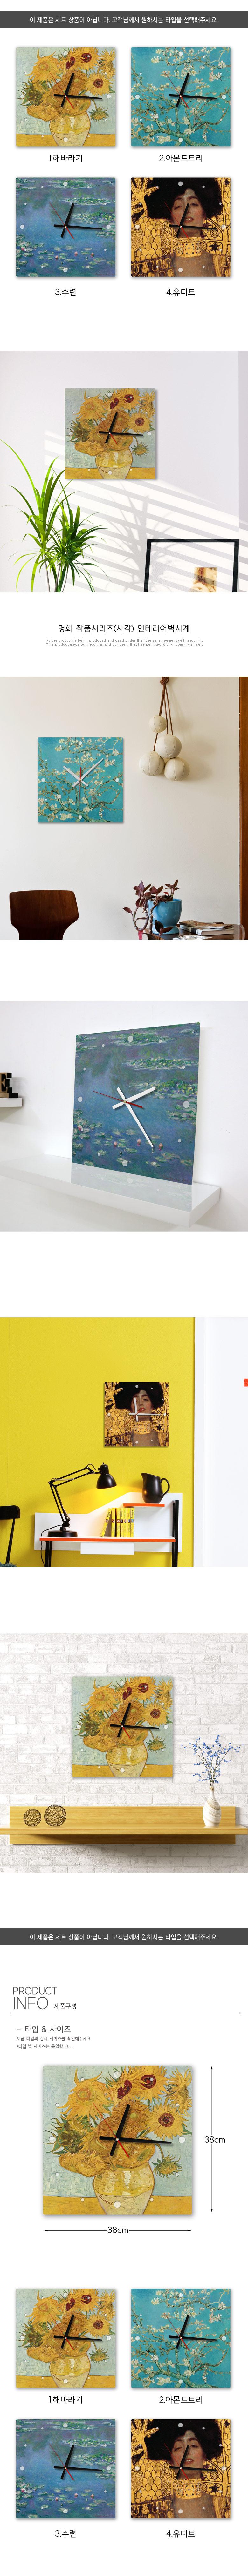 명화작품시리즈(사각)_인테리어벽시계 - 꾸밈, 22,400원, 벽시계, 디자인벽시계